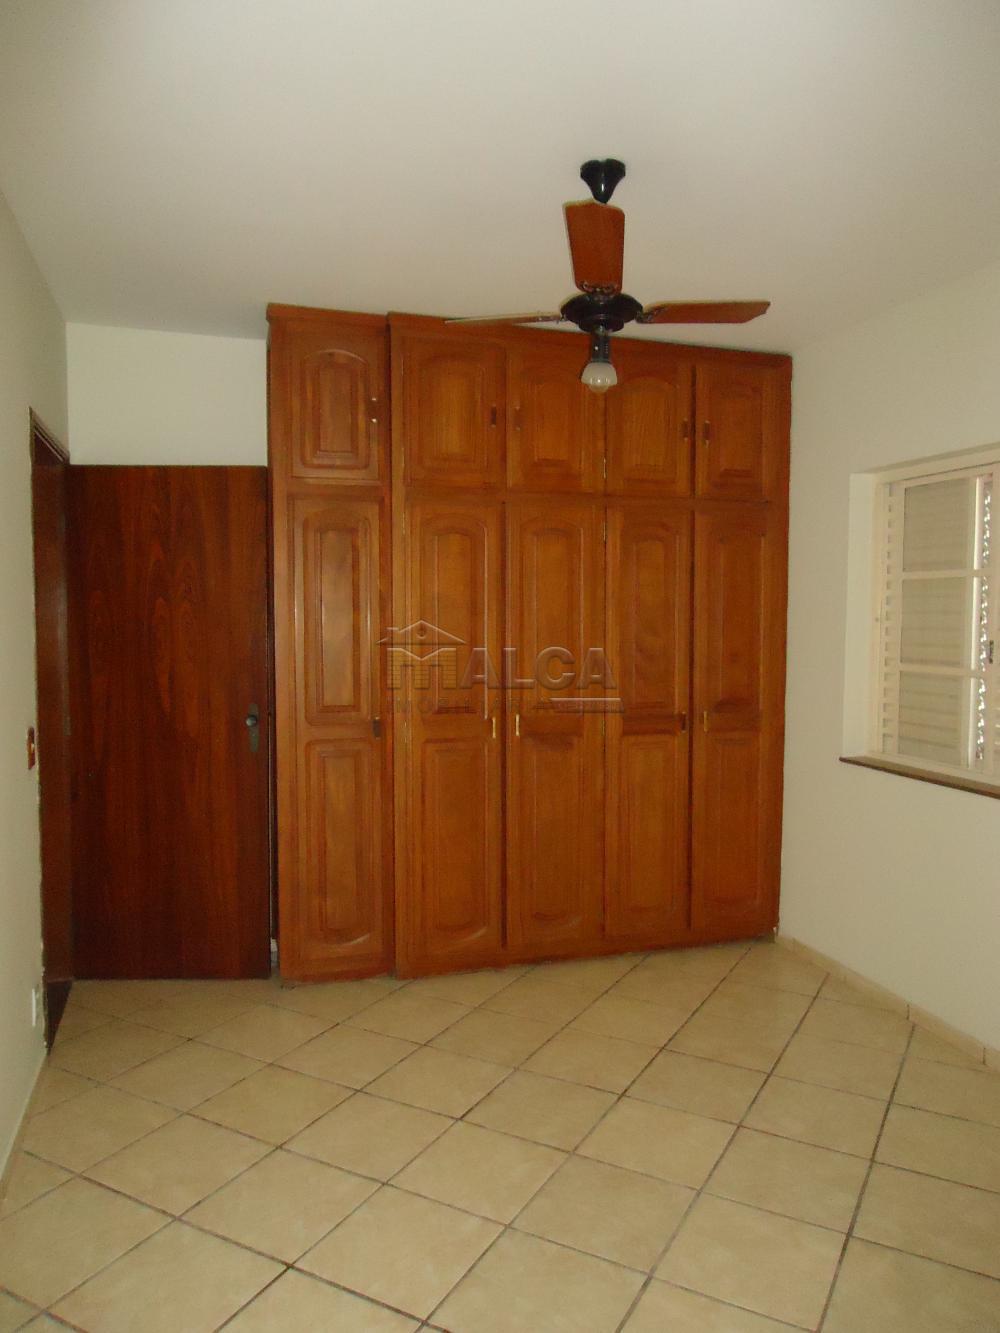 Alugar Casas / Padrão em São José do Rio Pardo R$ 1.300,00 - Foto 20